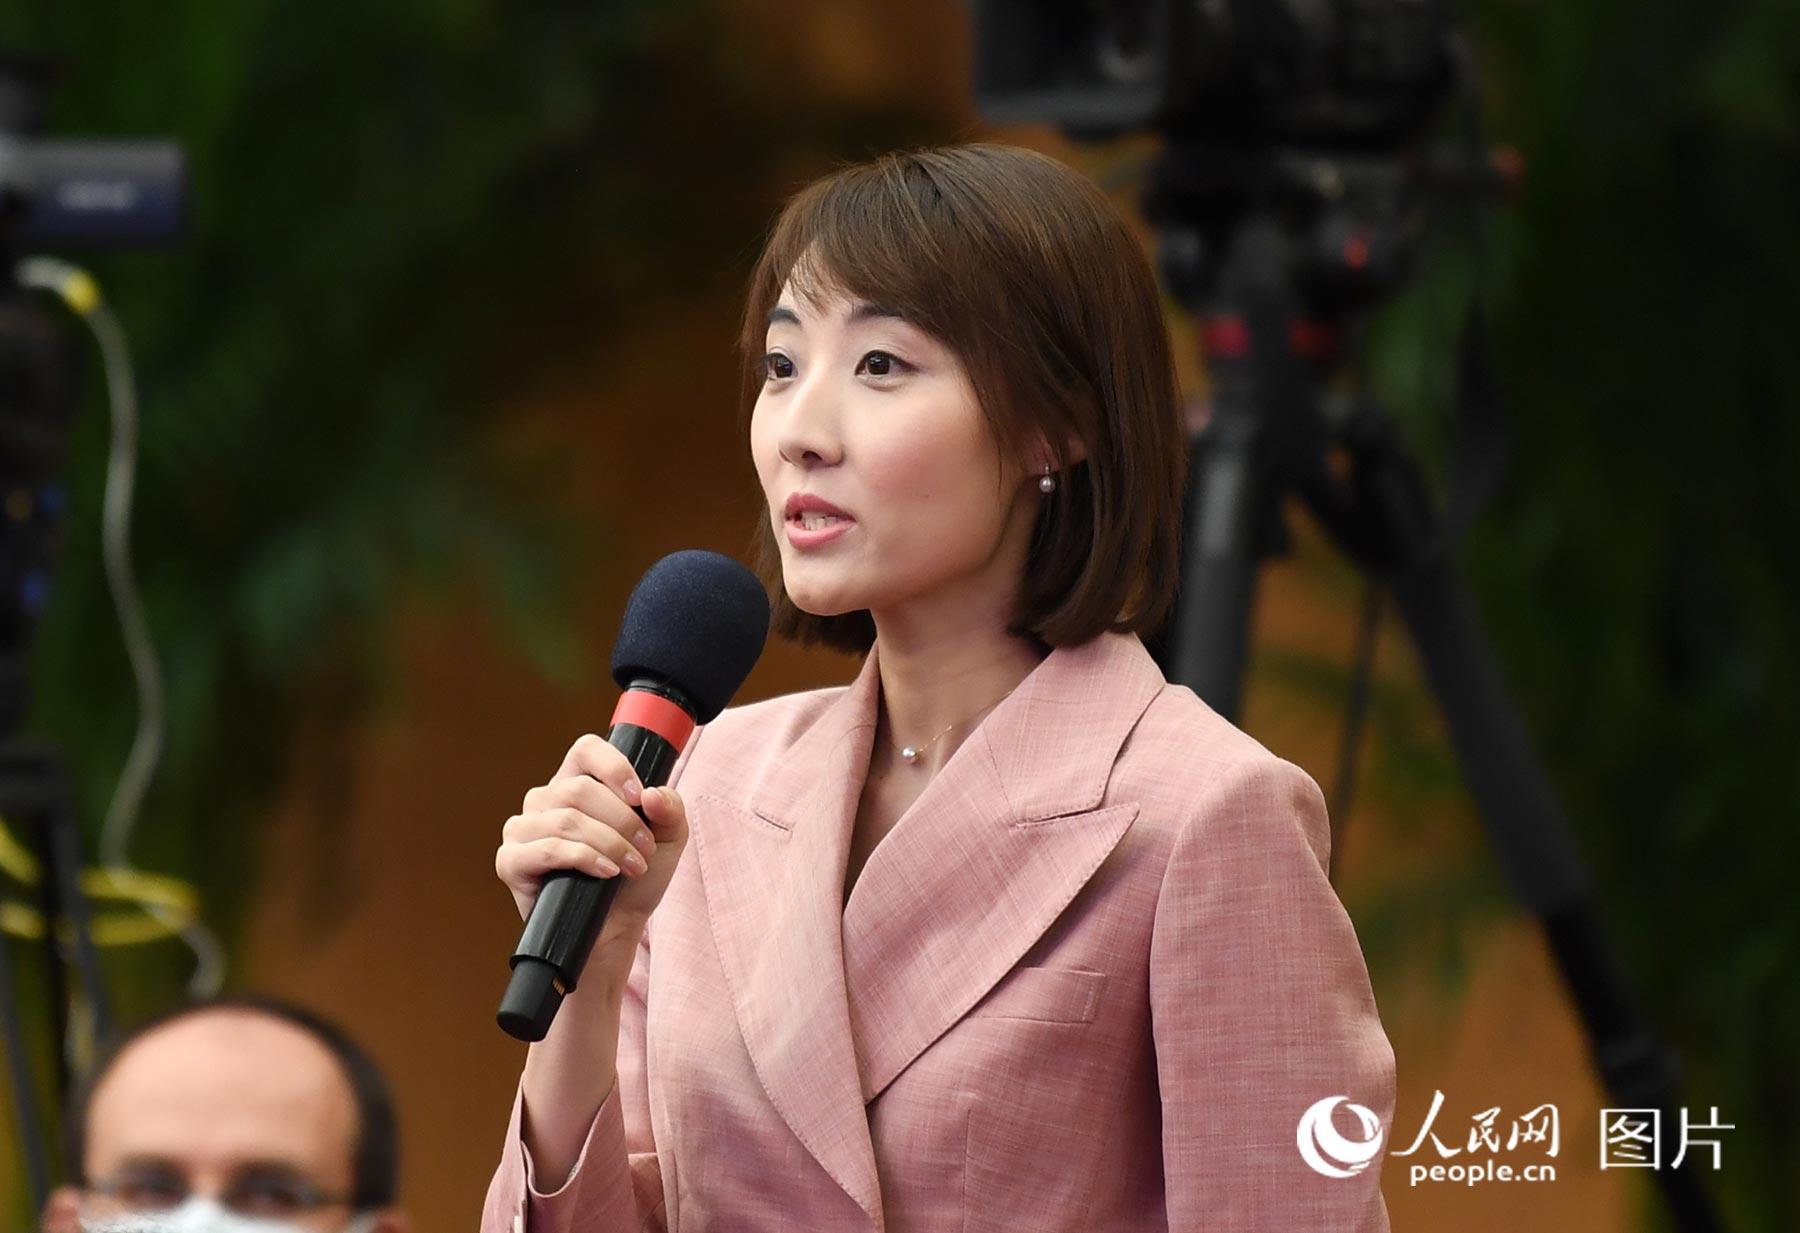 中央广播电视总台央视记者提问。人民网记者 翁奇羽 摄